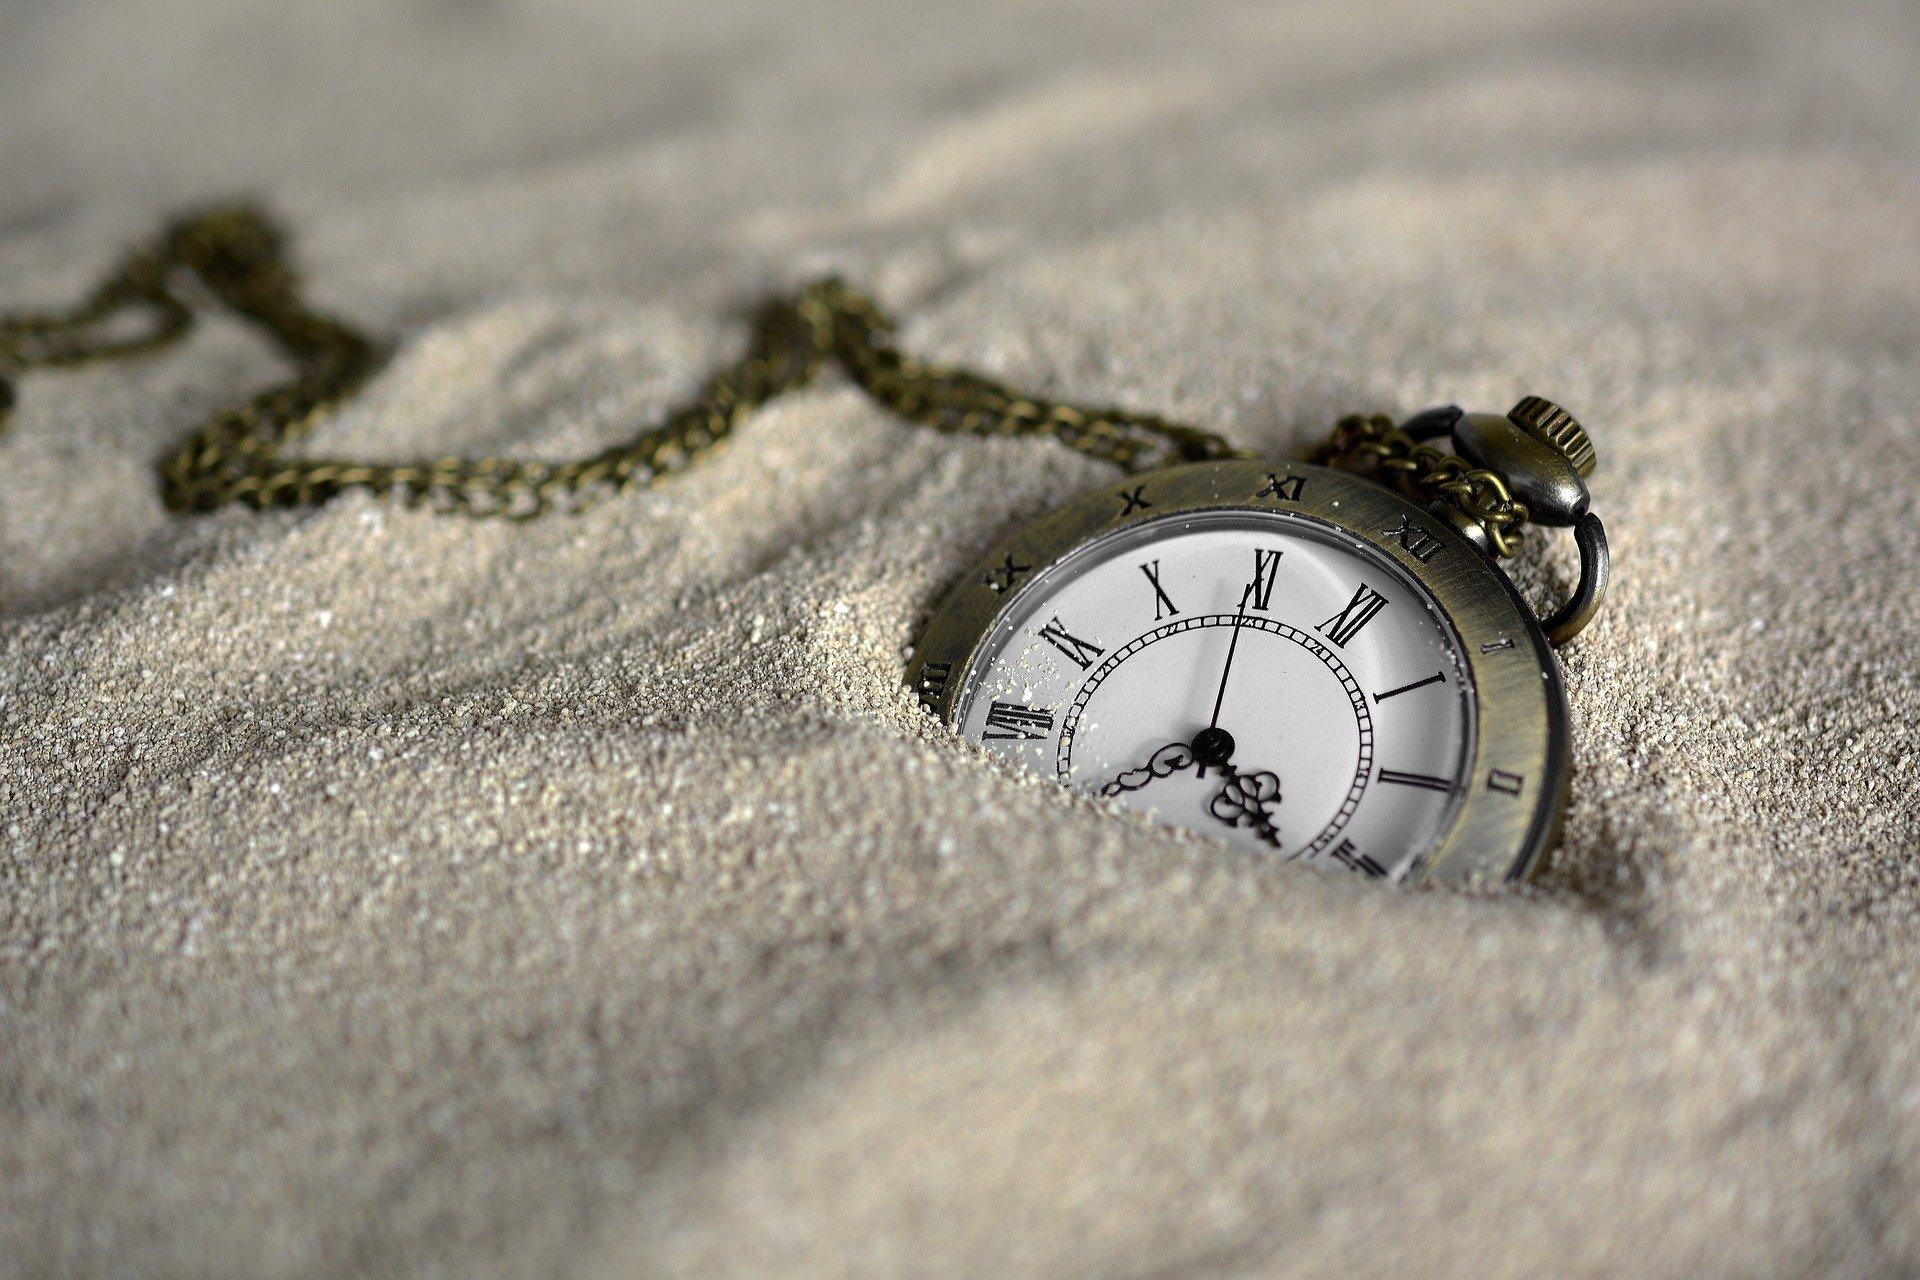 Boussole dans le sable, confier recherches voyage